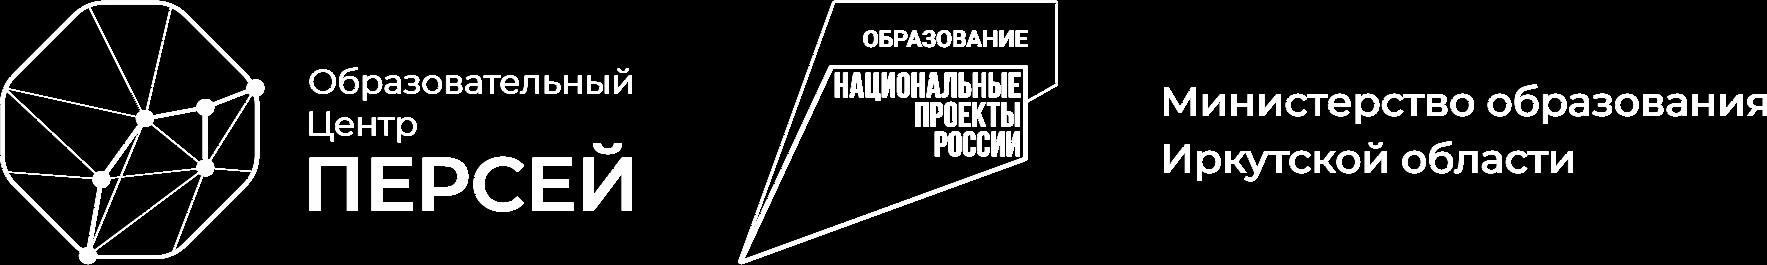 """Образовательный центр """"Персей"""""""